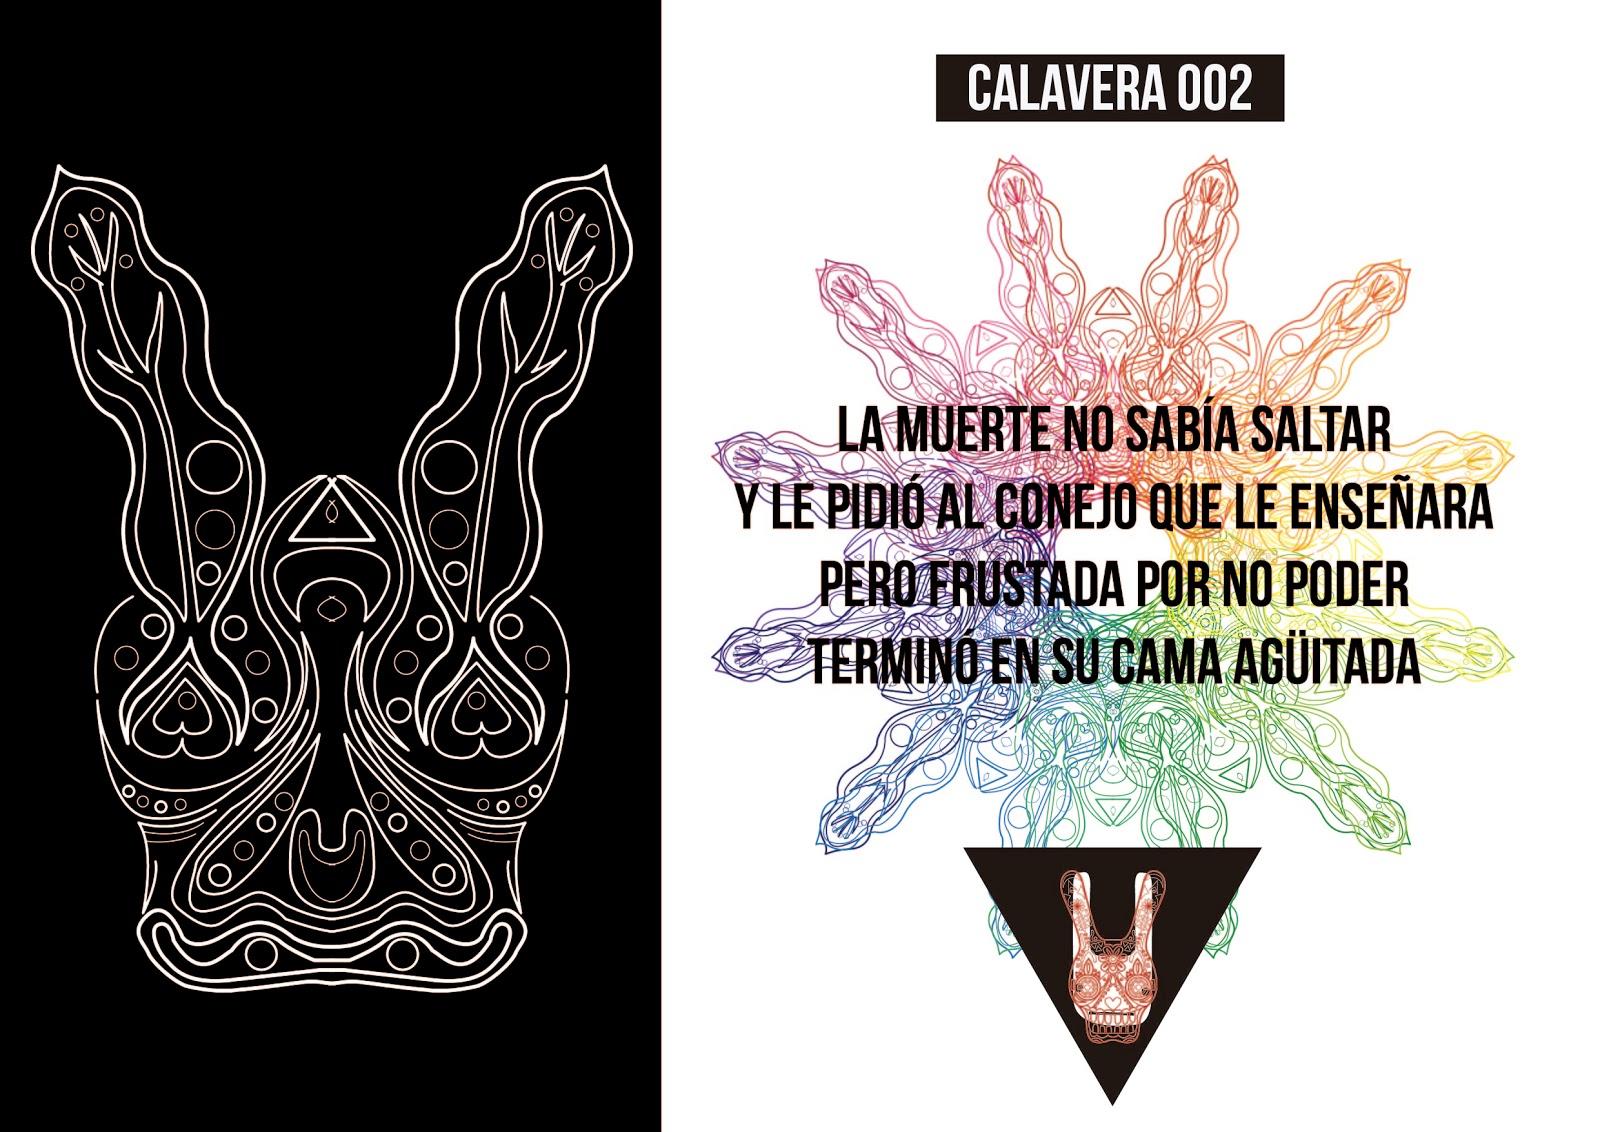 Calaveritas rimas